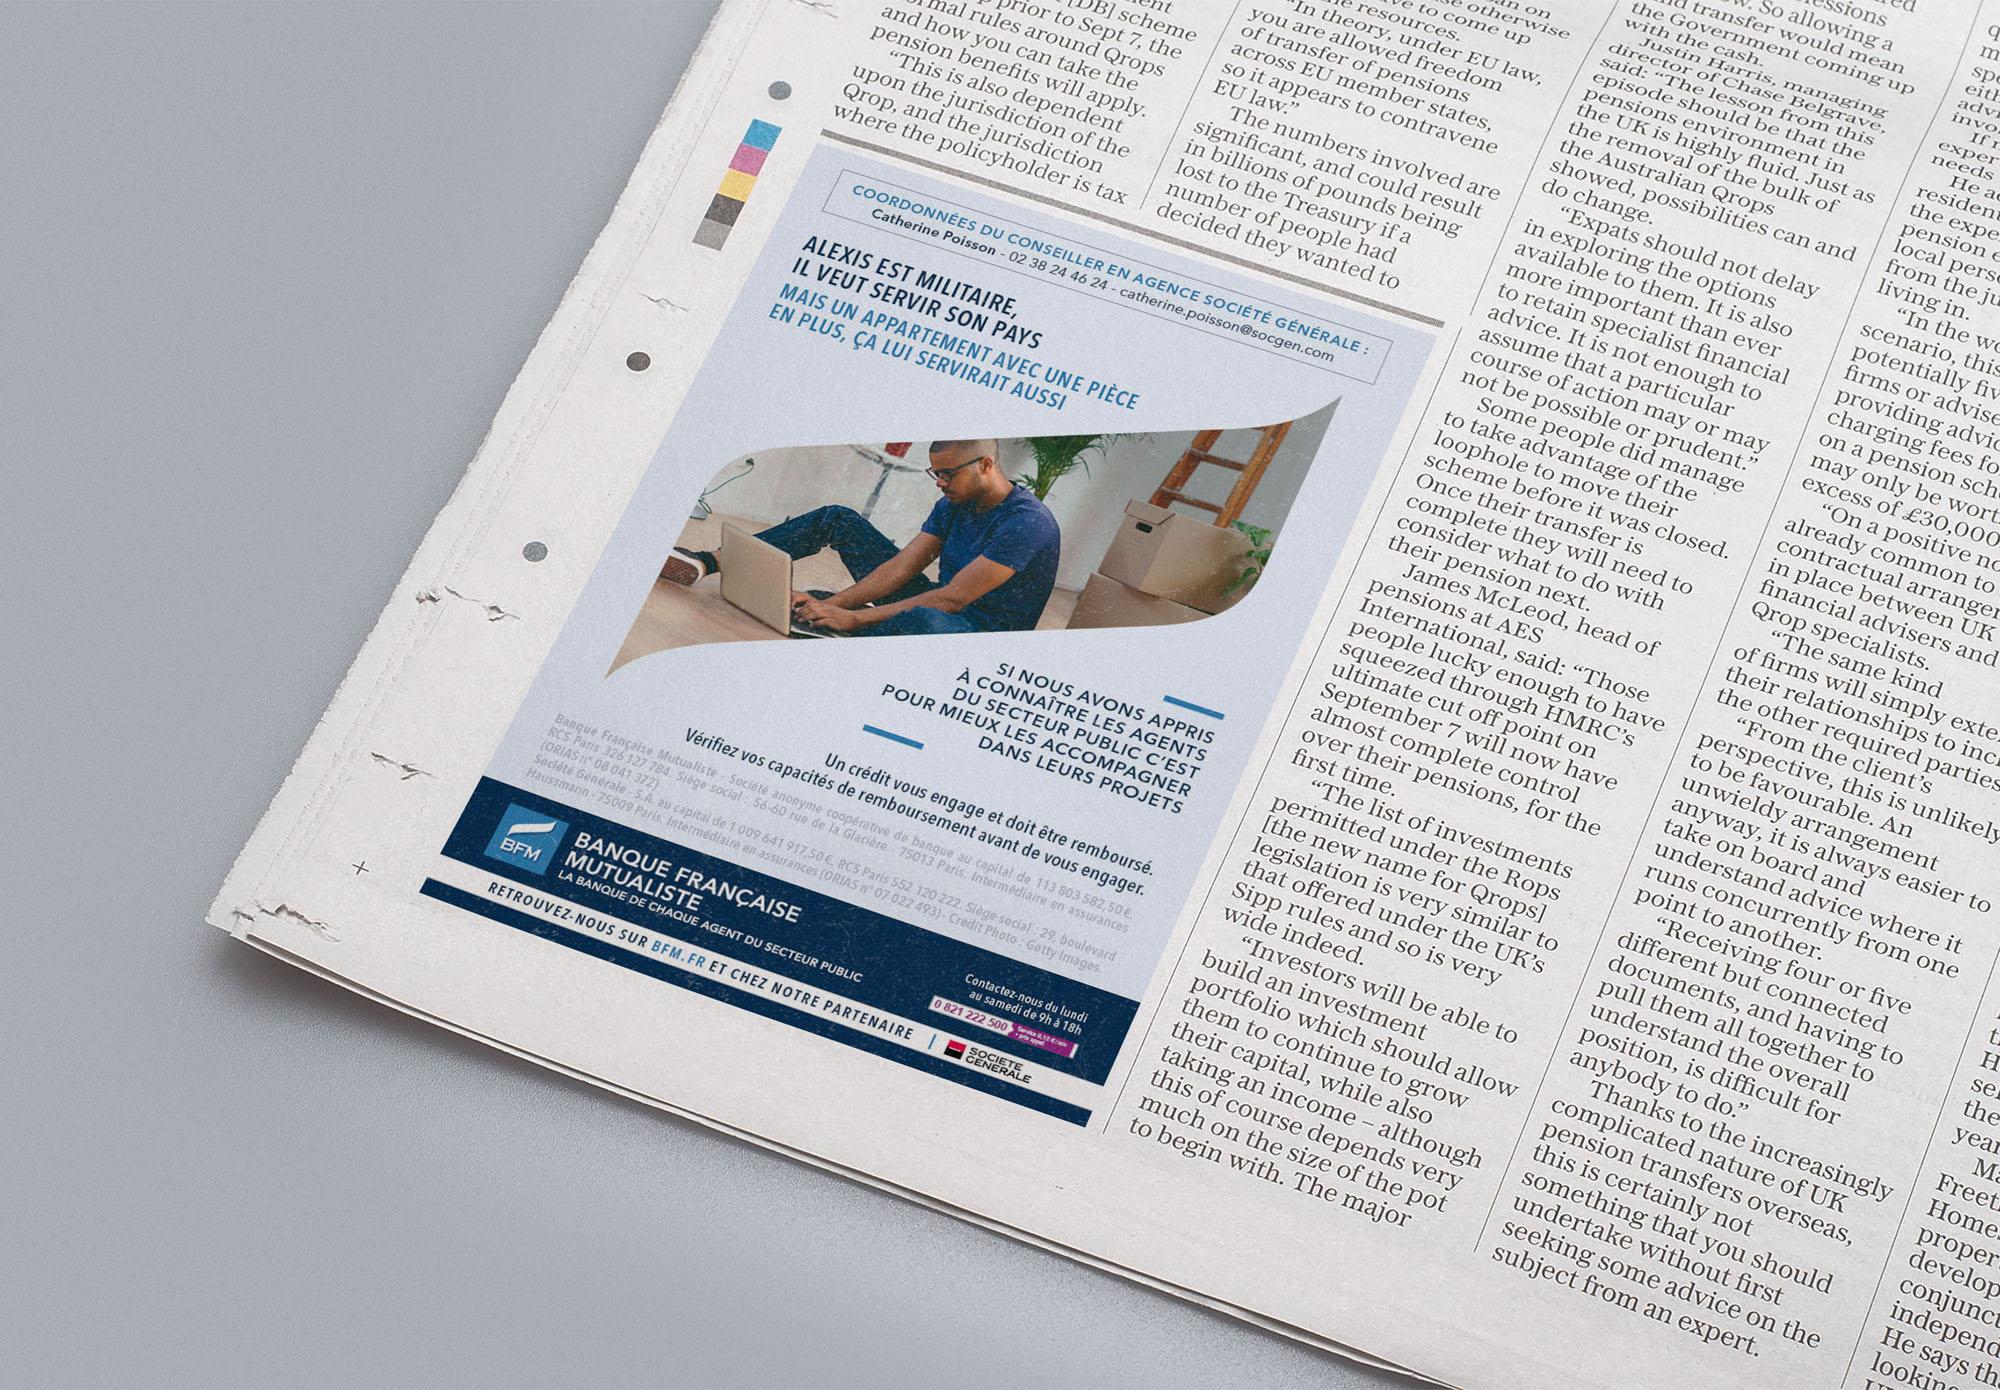 BFM - Banque Française Mutualiste - annonce presse